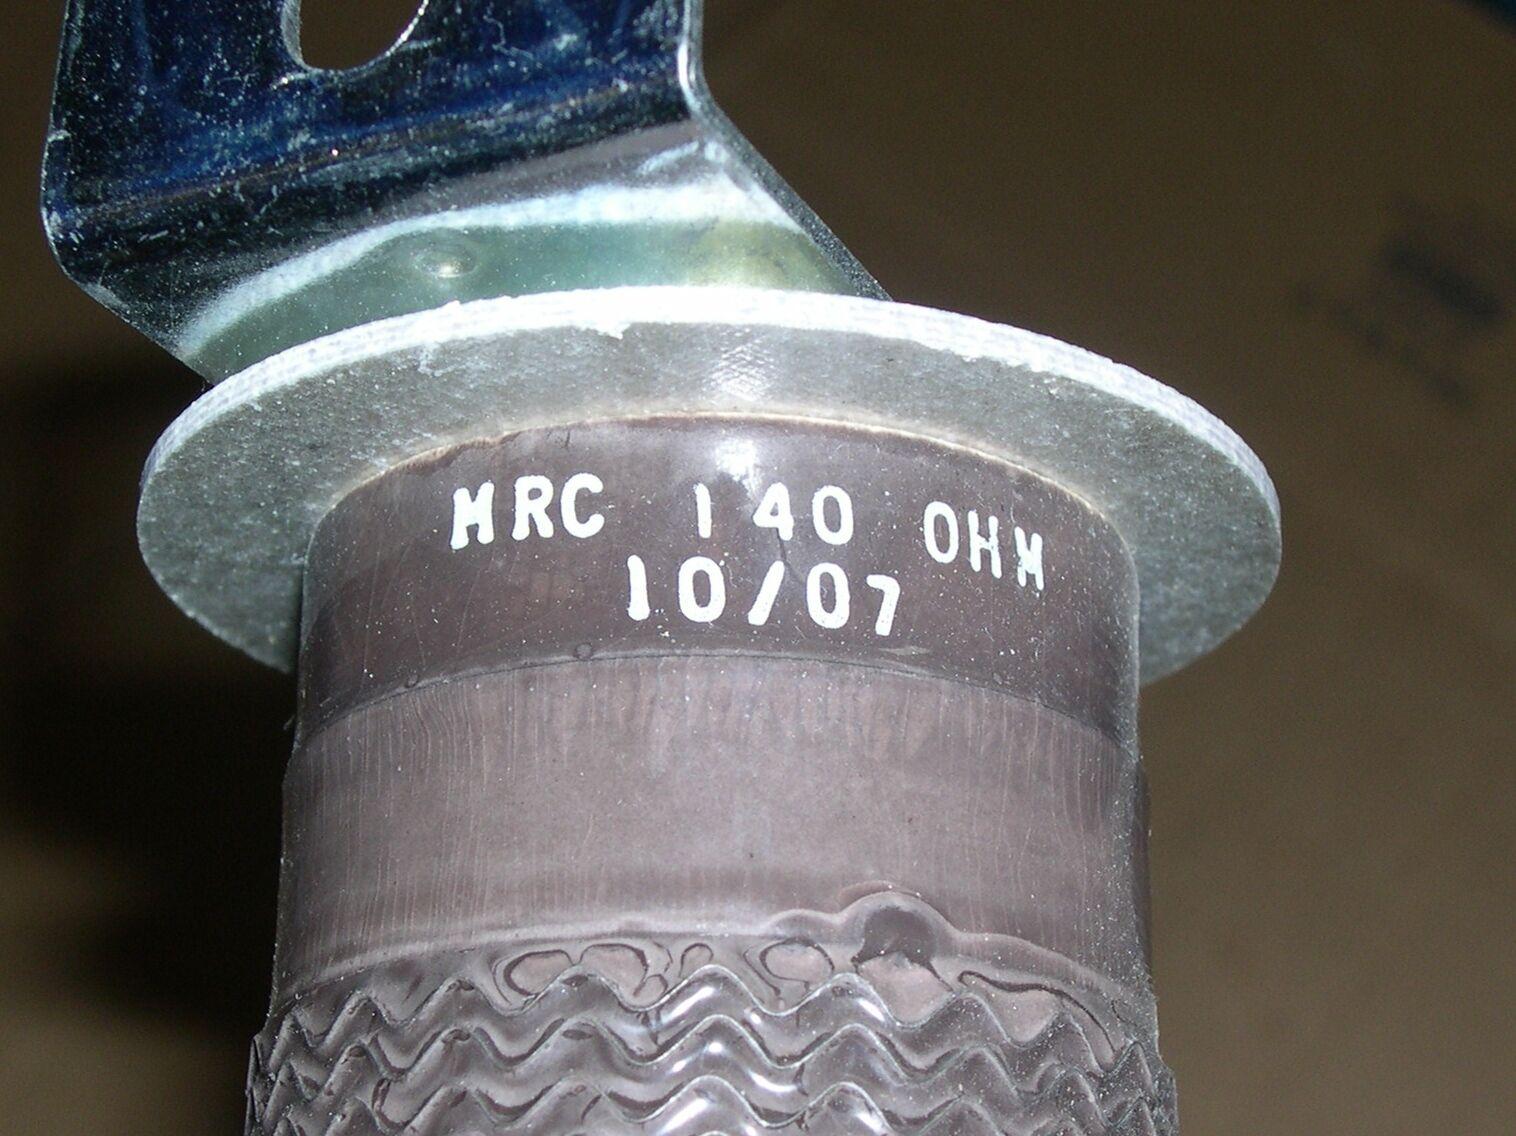 DUST SEAL 35mm X 77mm X 10mm NEW TC 35X77X10 DOUBLE LIPS METRIC OIL